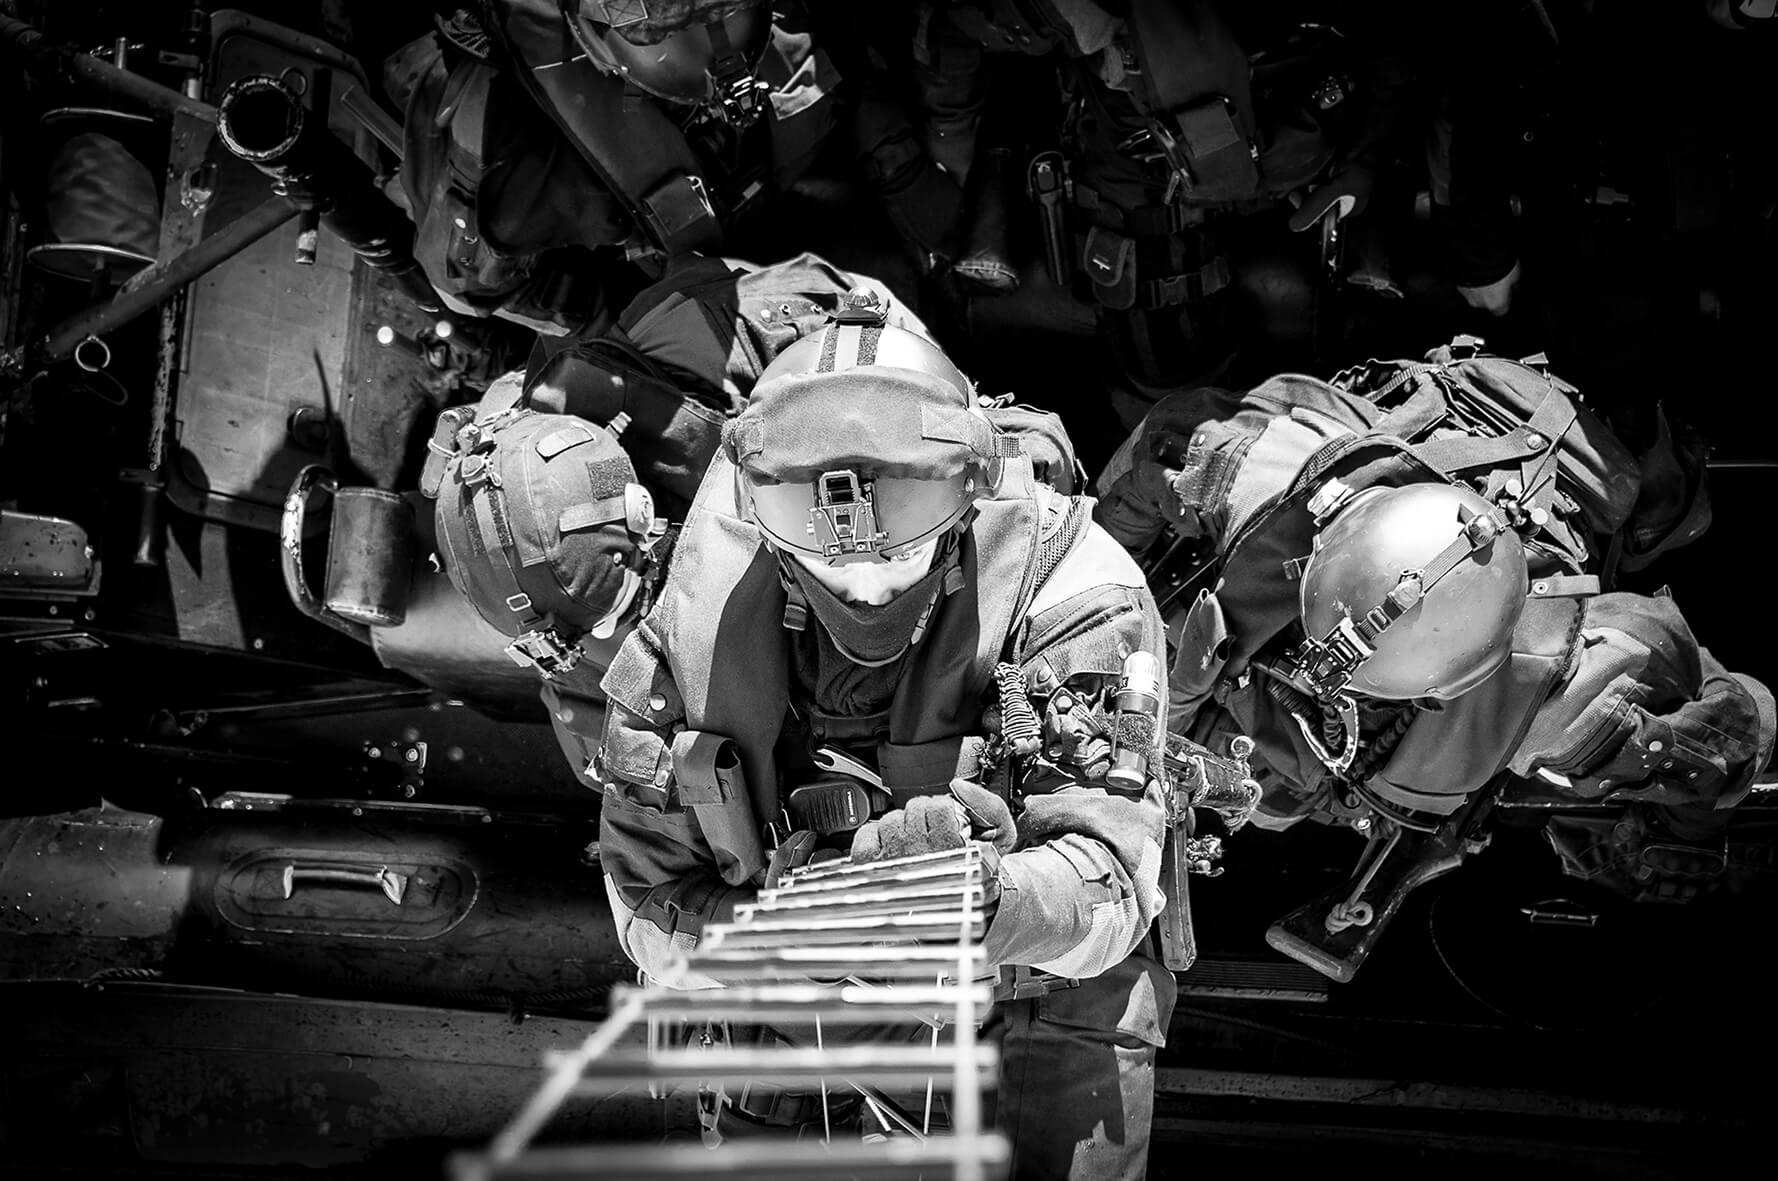 Pegasus Leadership Lorient La Base Team Building Cohésion d'Équipe Managers Marines Forces Spéciales Expertise Commando Leader Progression Challenge Ressources humaines Talent Training Expérience War Room Activités Incentive Bretagne Organisation Événement Comex Codir